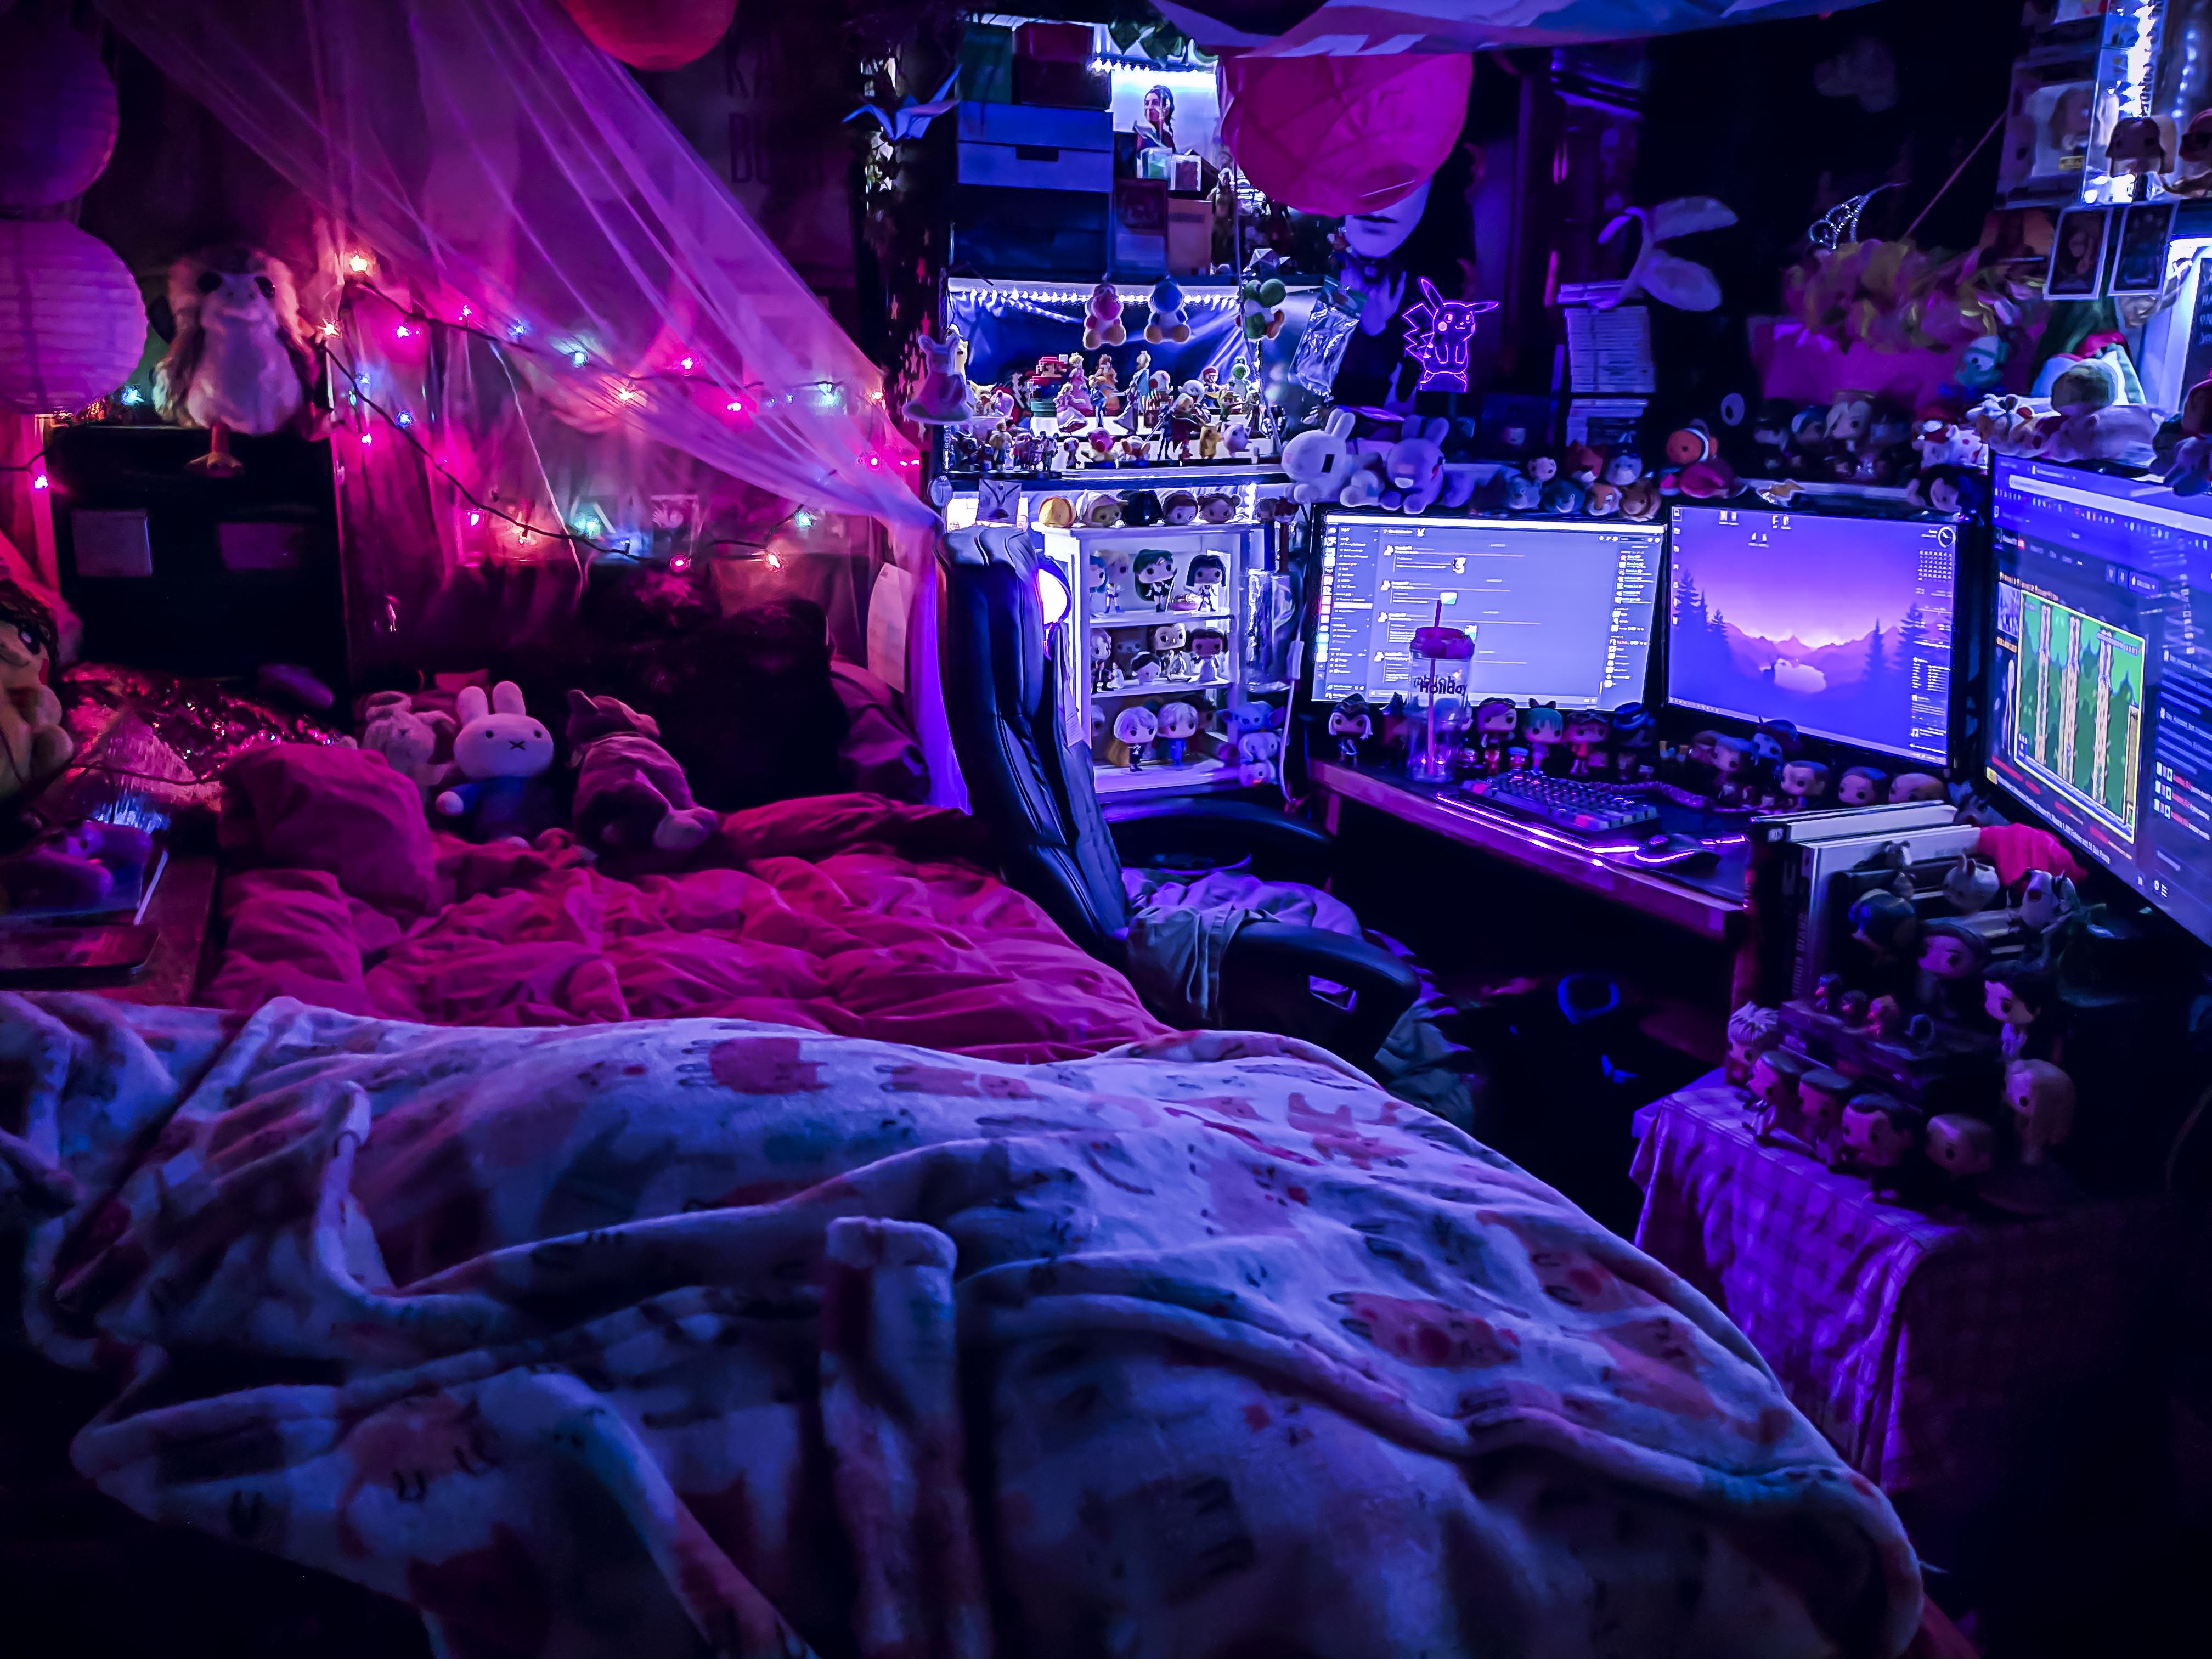 Bedroom battlestation